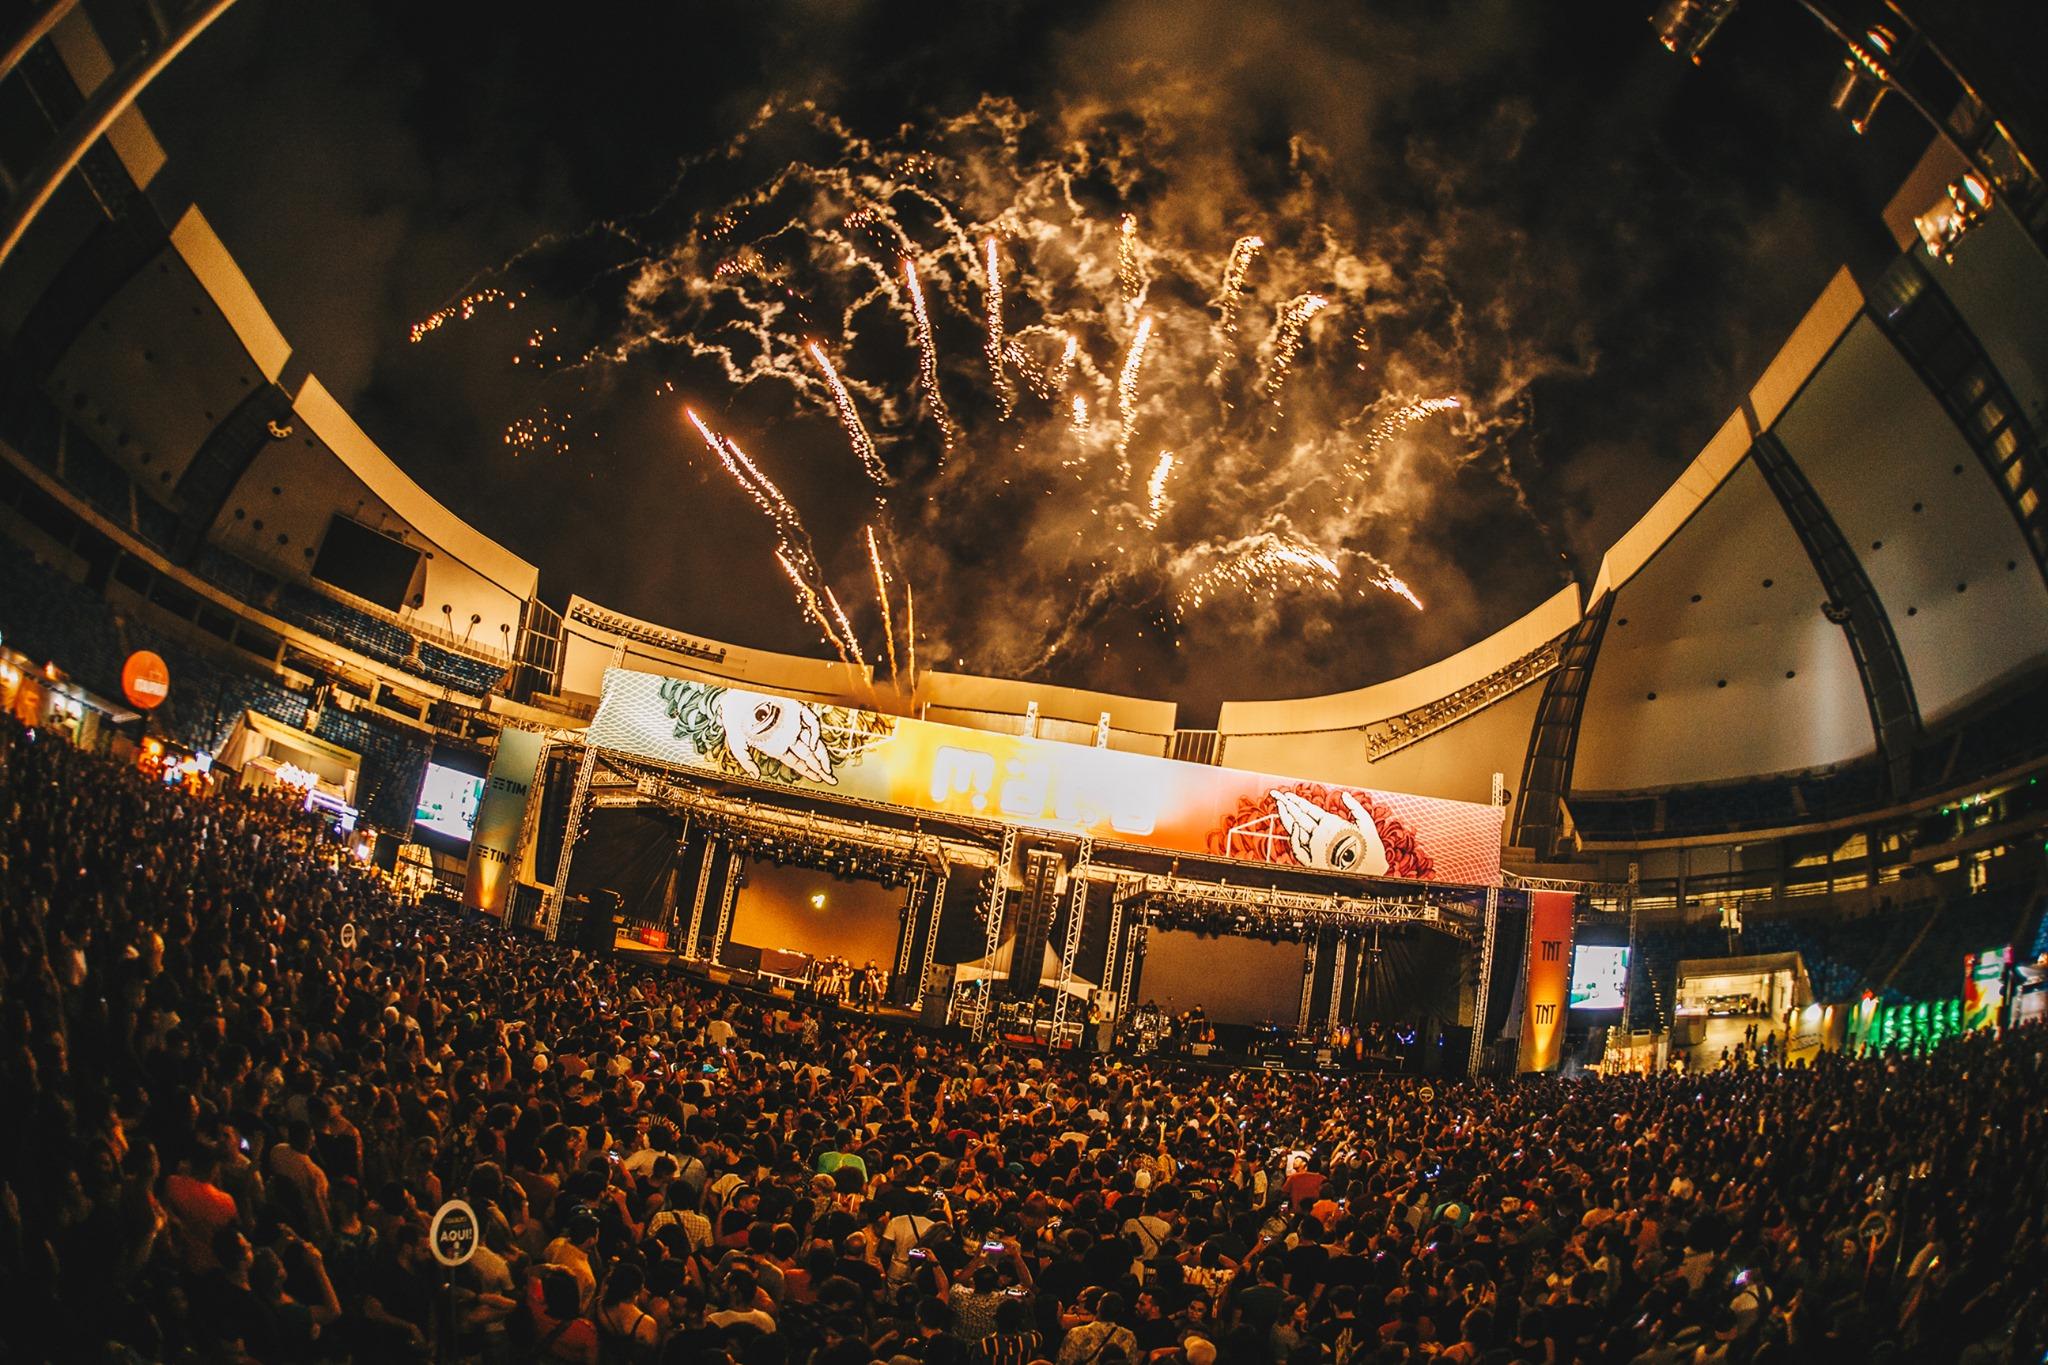 Última edição Festival Mada em 2019 - Foto: Divulgação